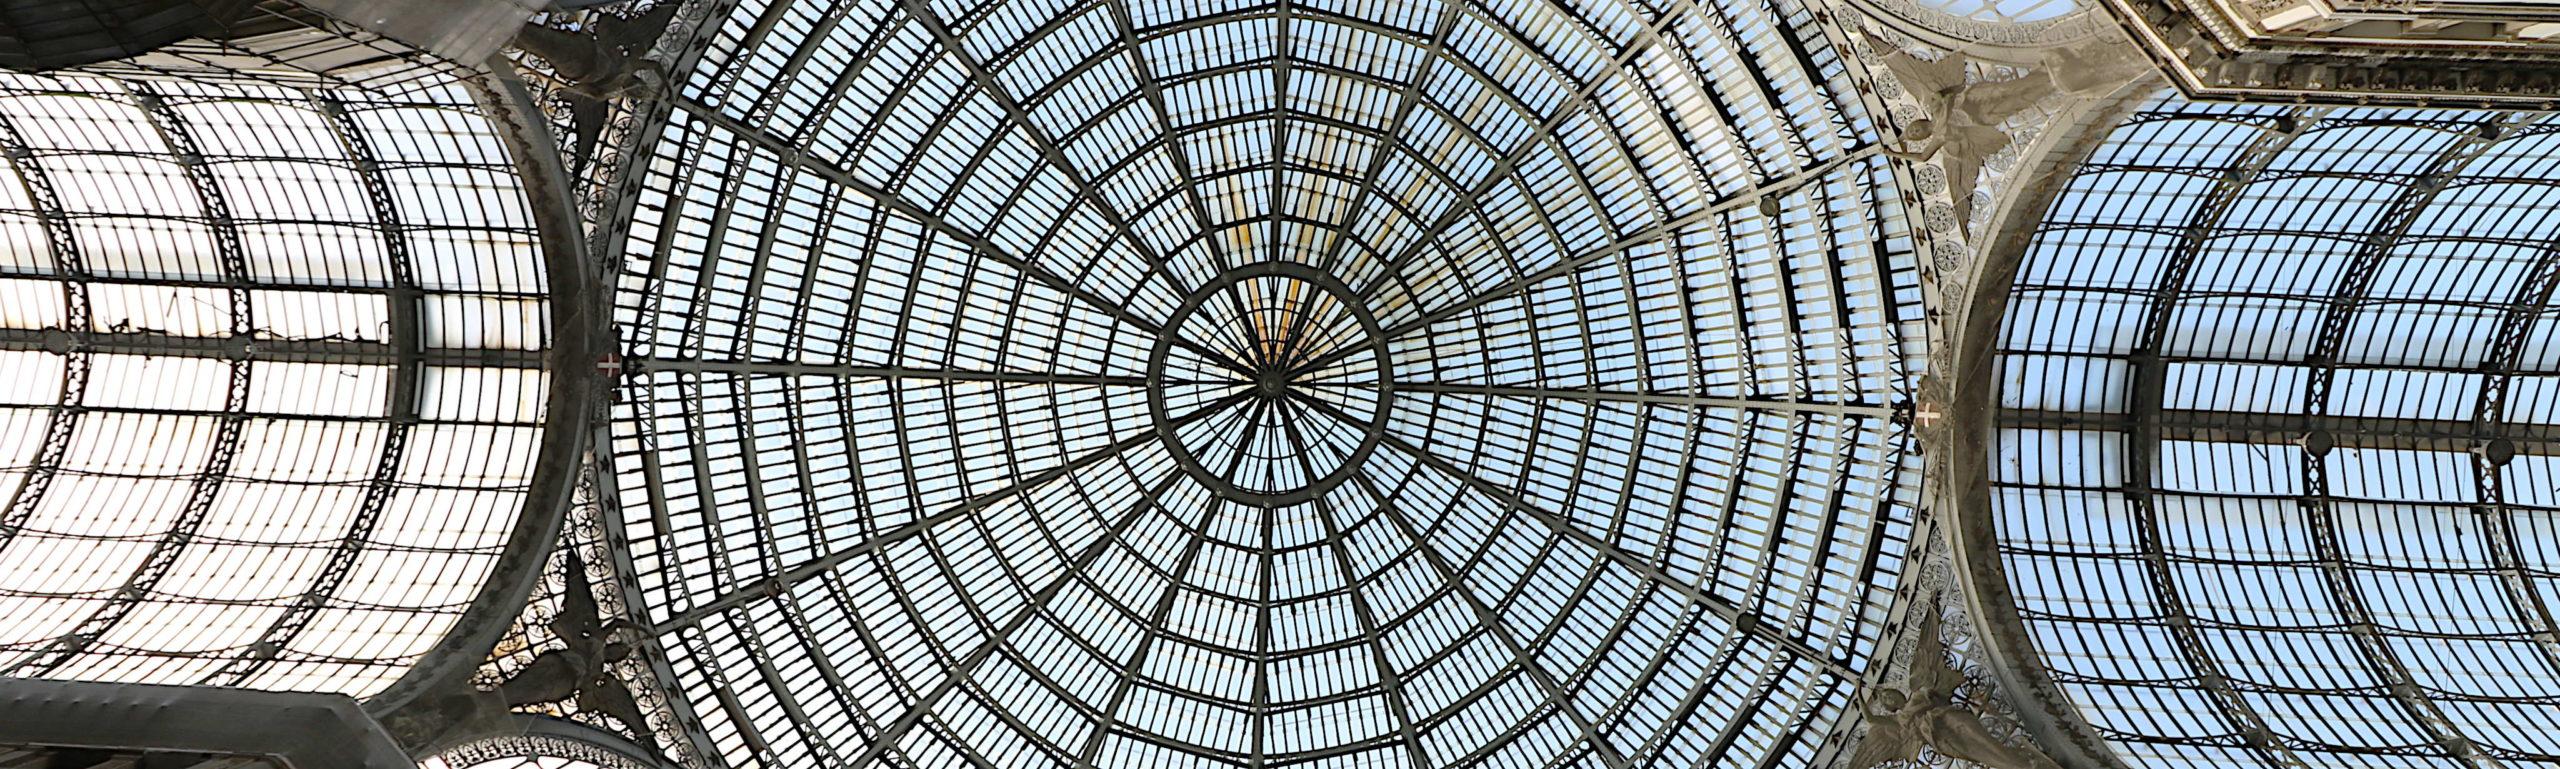 Progettii edilizia e architettura in Italia.